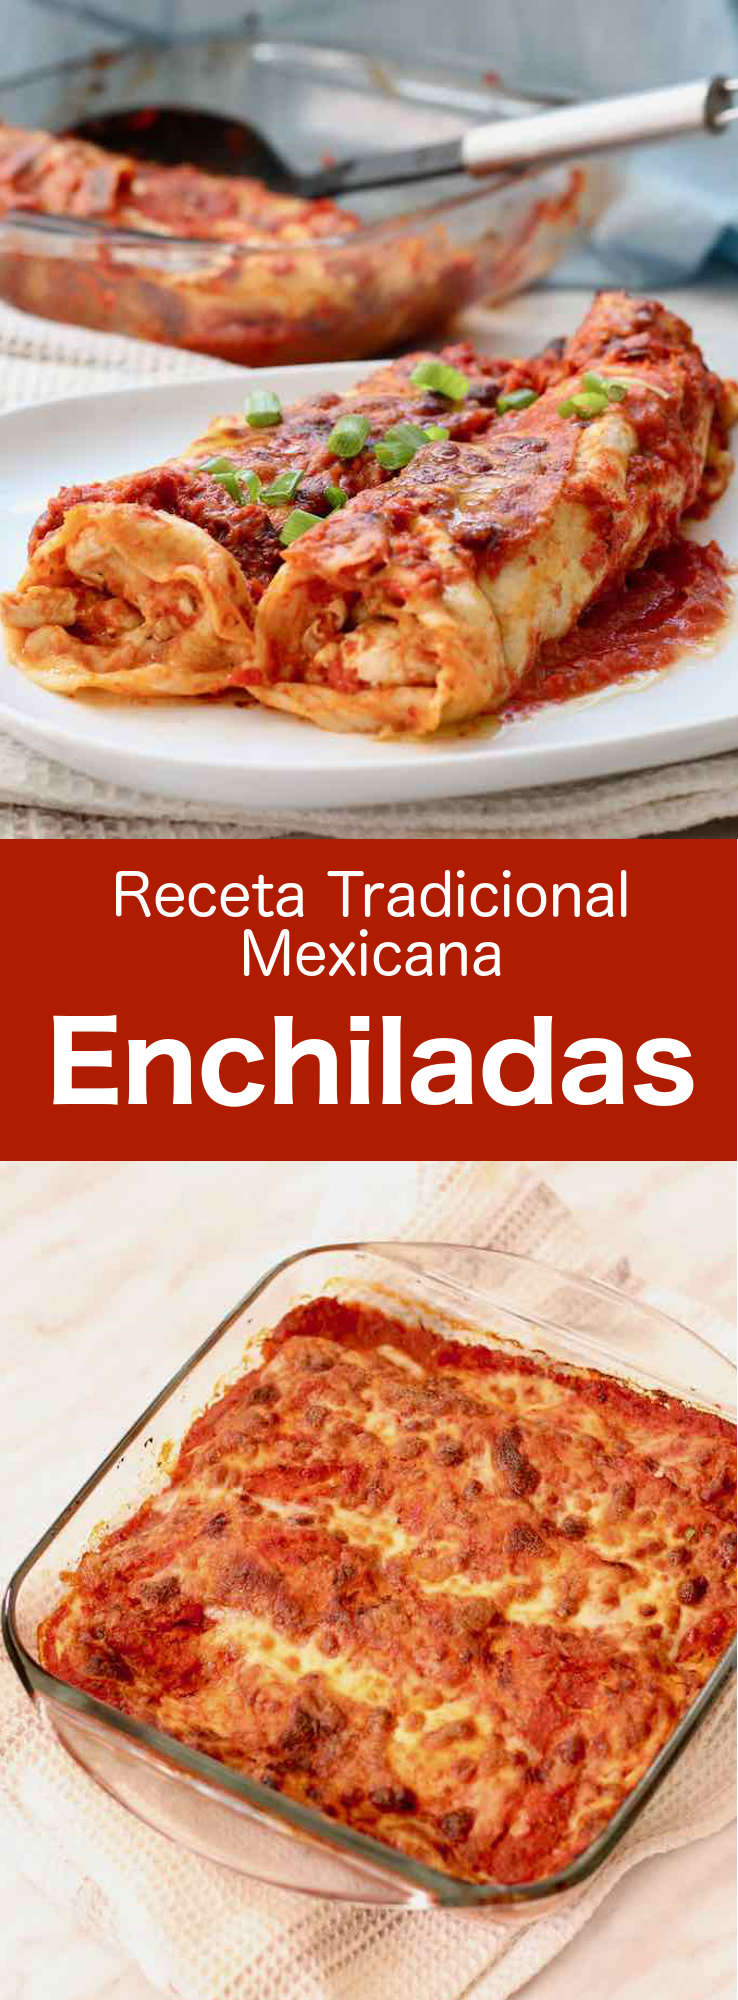 Las enchiladas son tortillas de maíz enrolladas que se rellenan con carne, queso, frijoles o patatas antes de cubrirlas con una salsa de chiles.